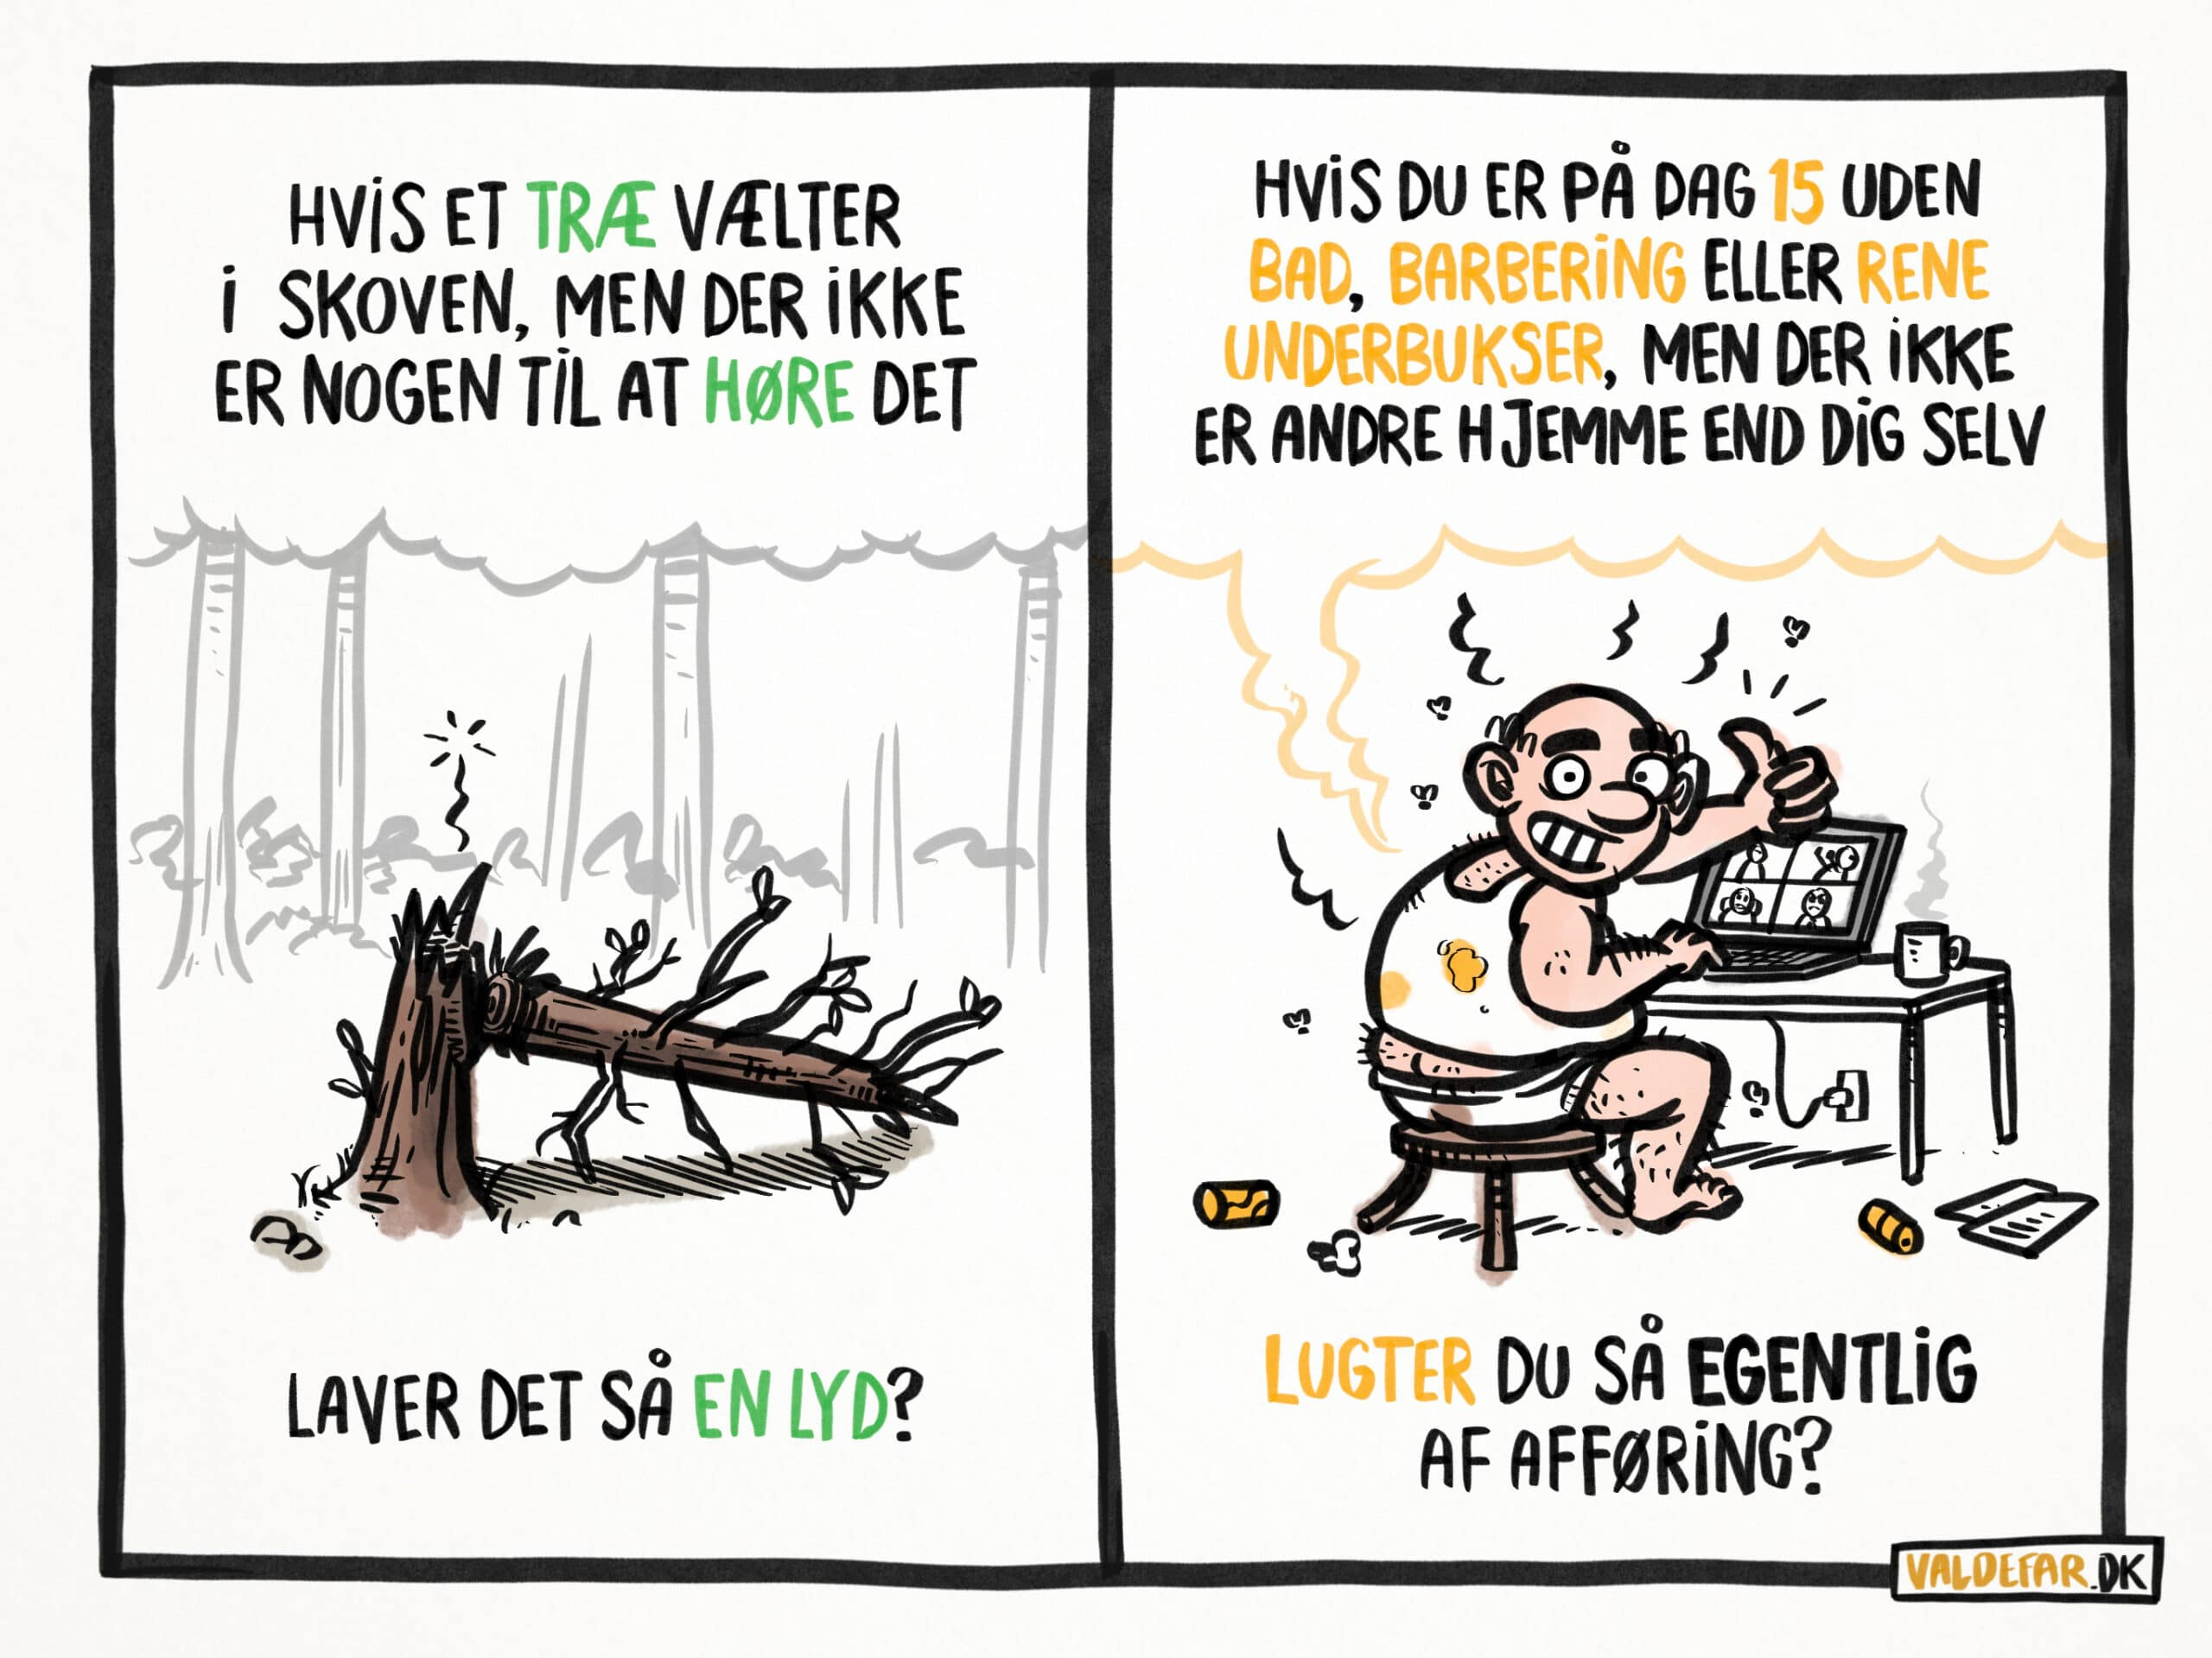 Hvis et træ vælter i skoven, men der ikke er nogen til at høre det, laver det så en lyd? Hvis du er på dag 15 uden bad, barbering eller rene underbukser, men der ikke er andre hjemme end dig selv, lugter du så egentlig af afføring?